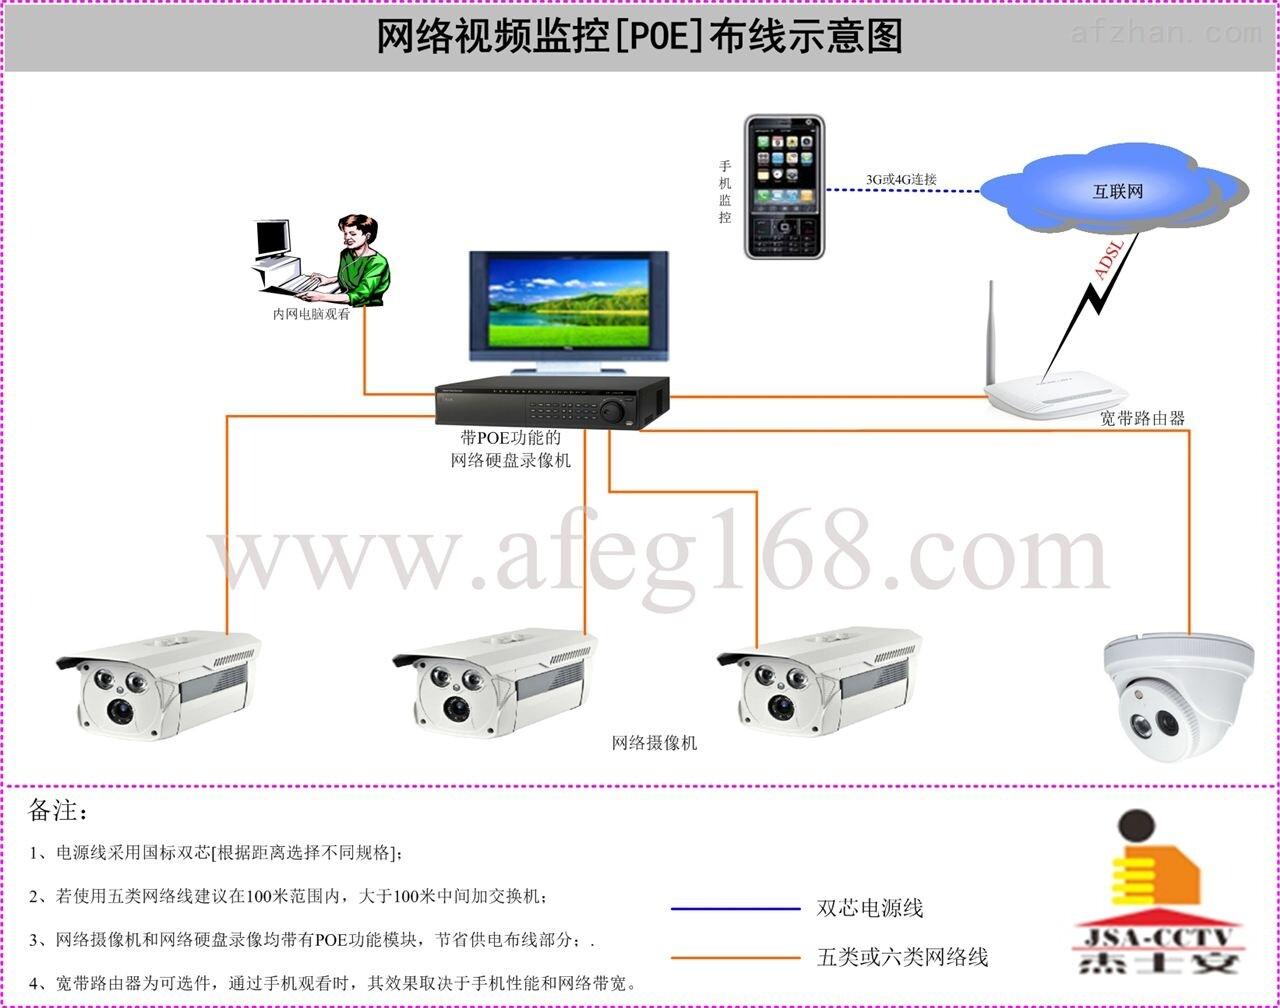 网络监控系统方案_poe网络高清视频监控系统布线应用方案